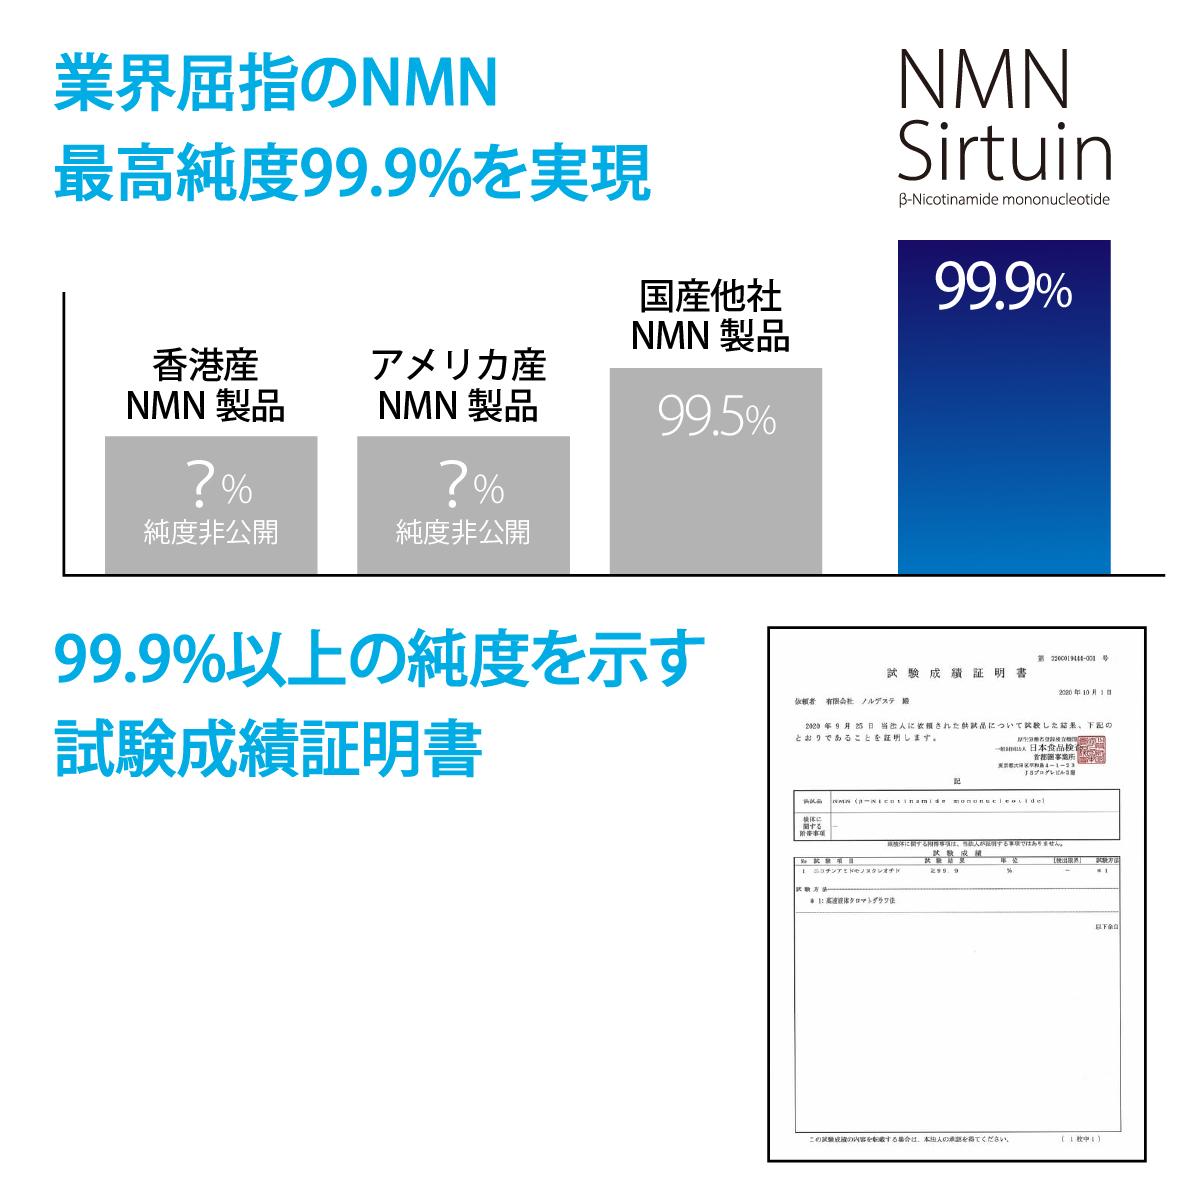 業界屈指のNMN最高純度99.9%を実現。99.9%以上の純度を示す試験成績証明書